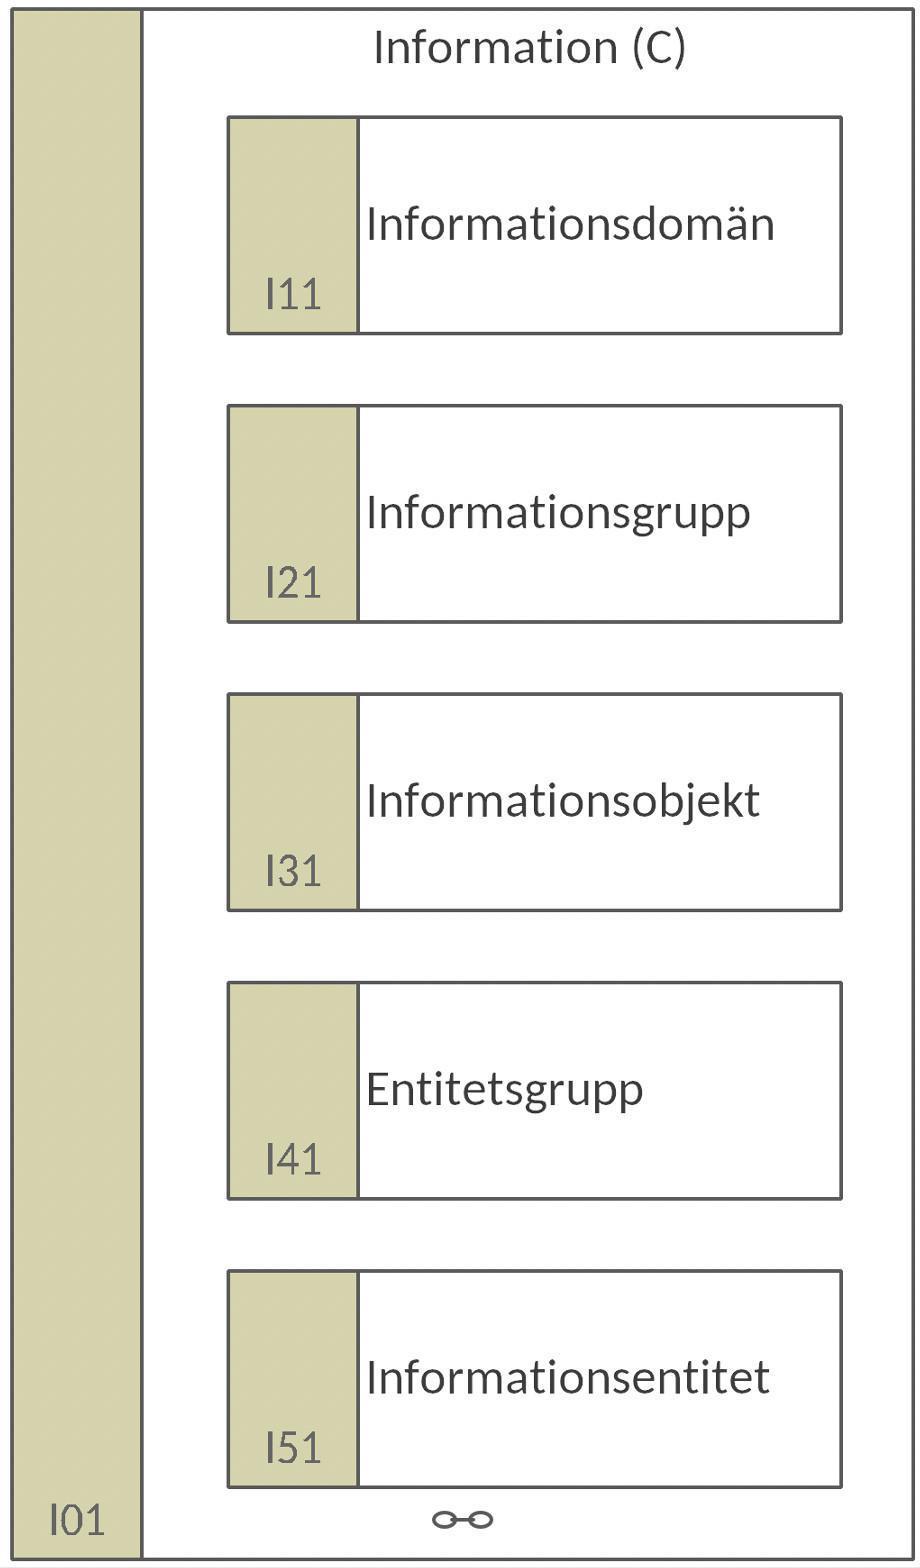 I01 Information (C)